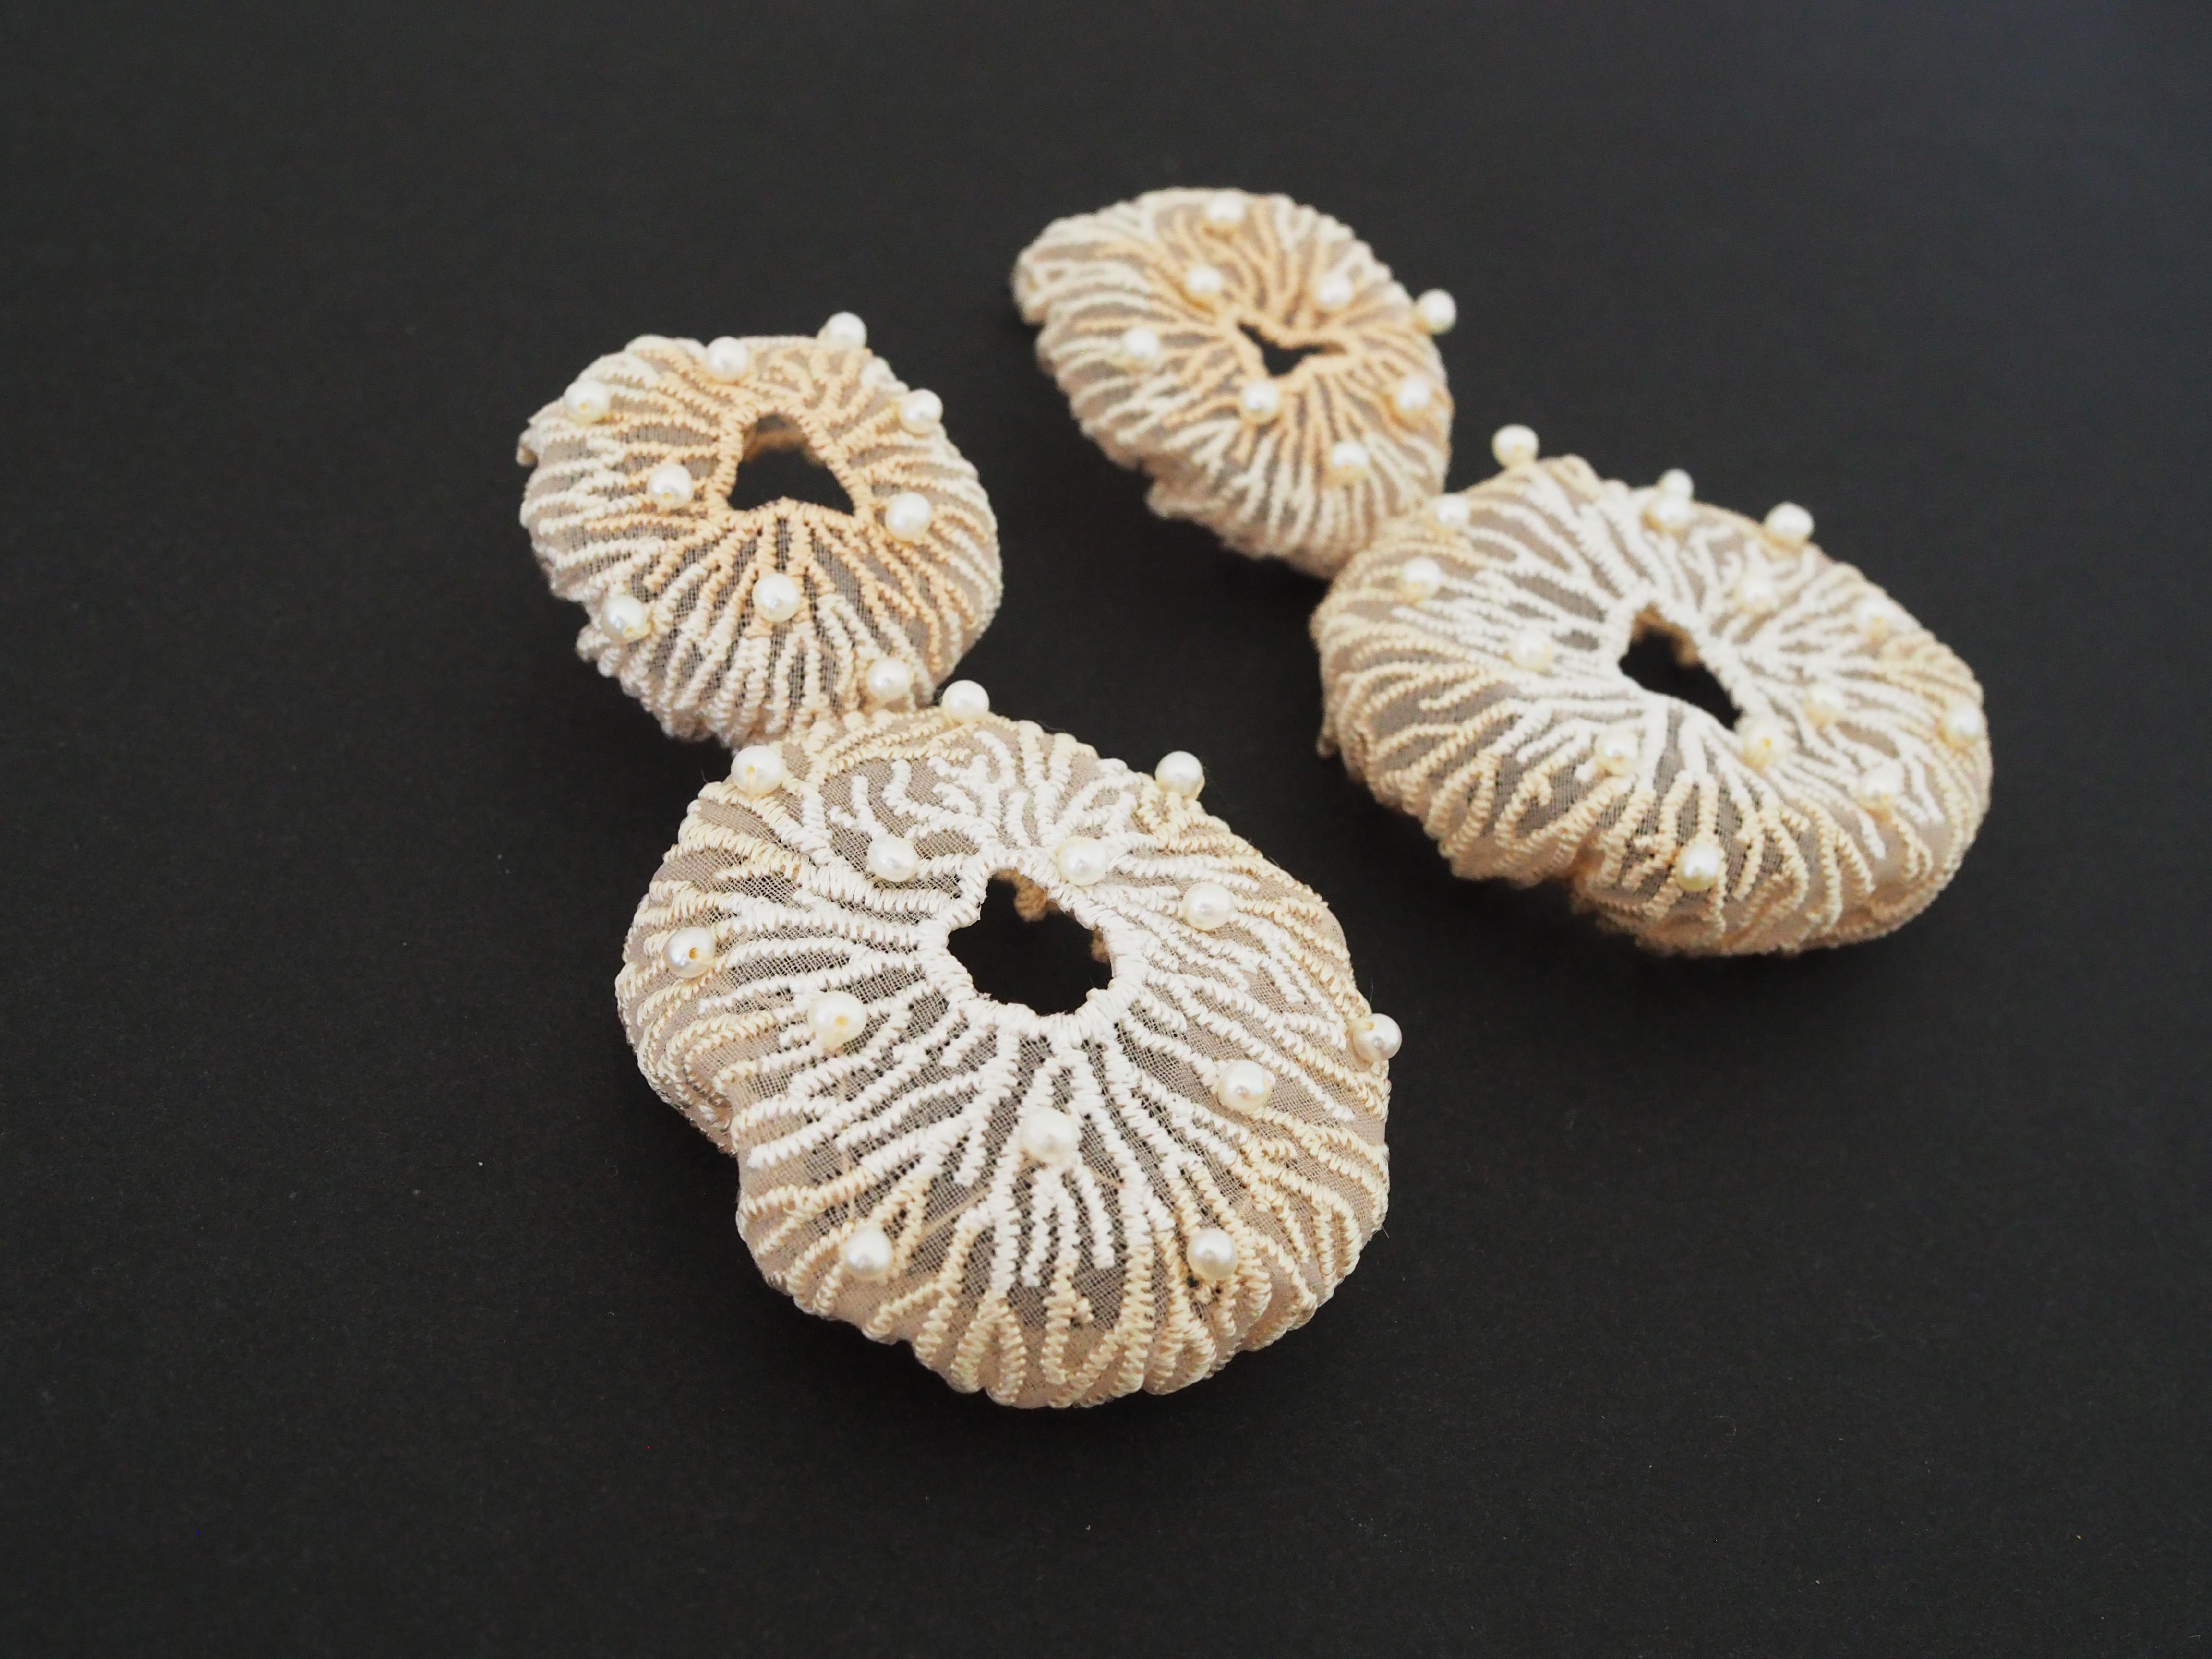 ARRO / Embroidery earing / CORAL EGG PEARL / ECRU